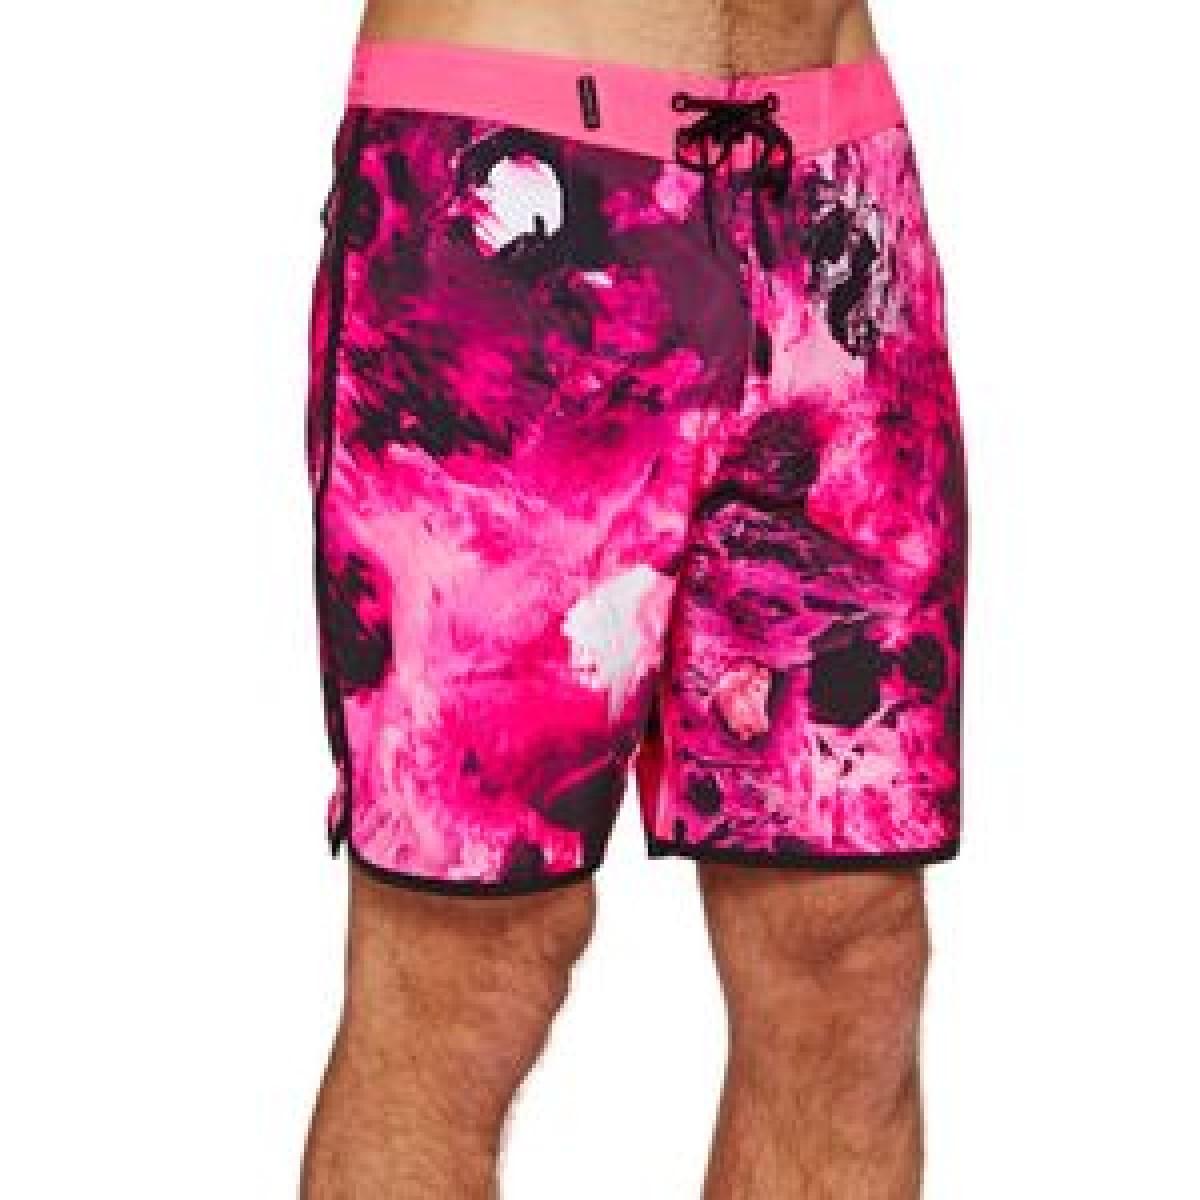 90a60ef8c2 Hurley Phantom Snapper Rocks 18'' Board Shorts (Hyper Pink) - ΕΚΠΤΩΣΕΙΣ